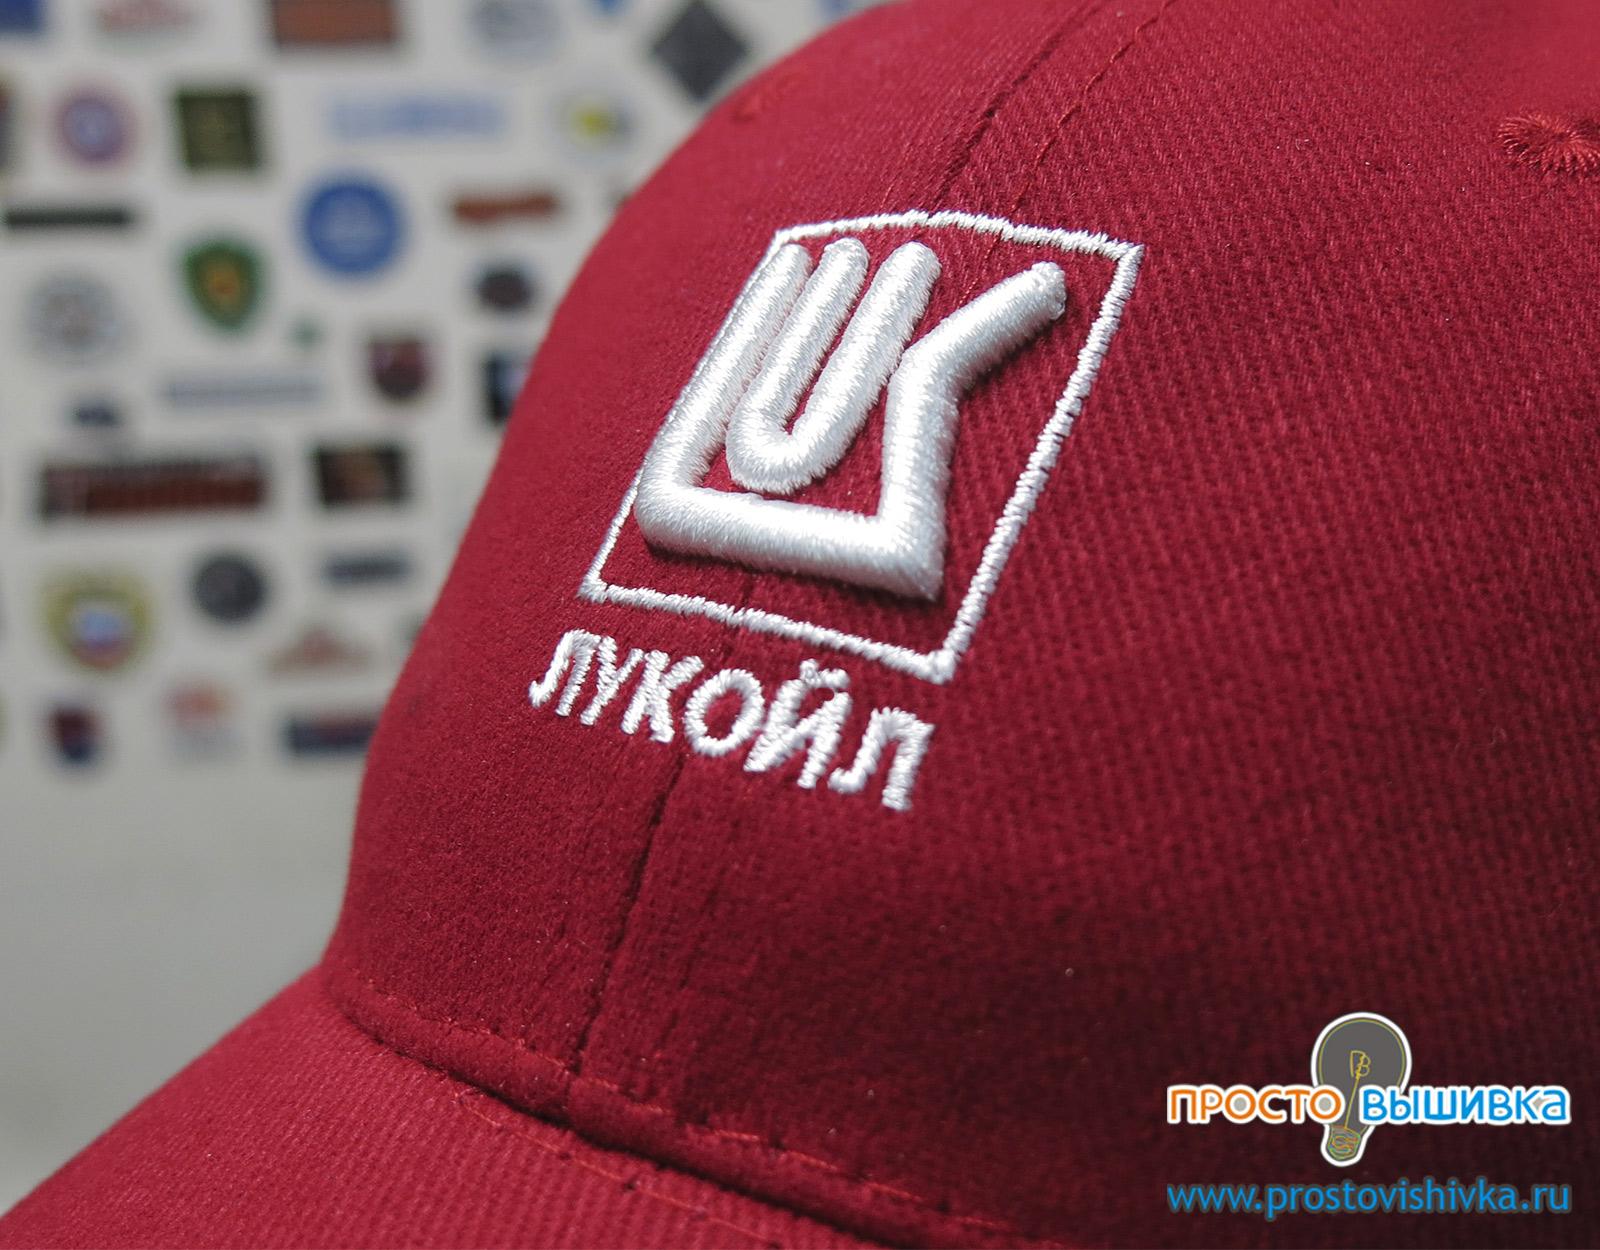 Вышивка логотипа на кепке 62